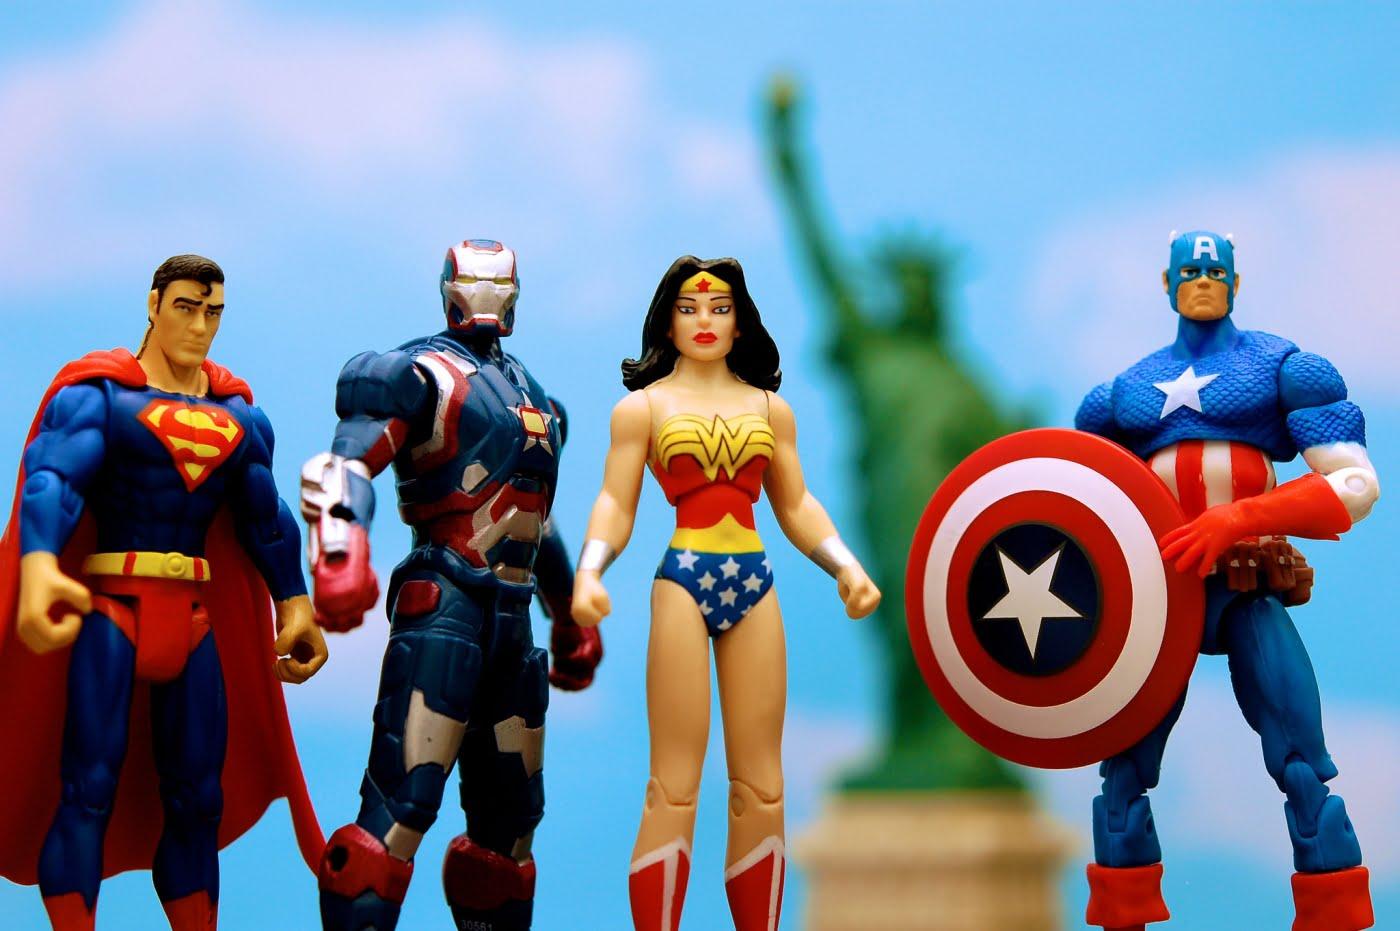 Existem quatro tipos de conselheiros nas startups e os CEOs devem aprender a lidar com eles. (Imagem: JD Hancok - Flickr/Reprodução)